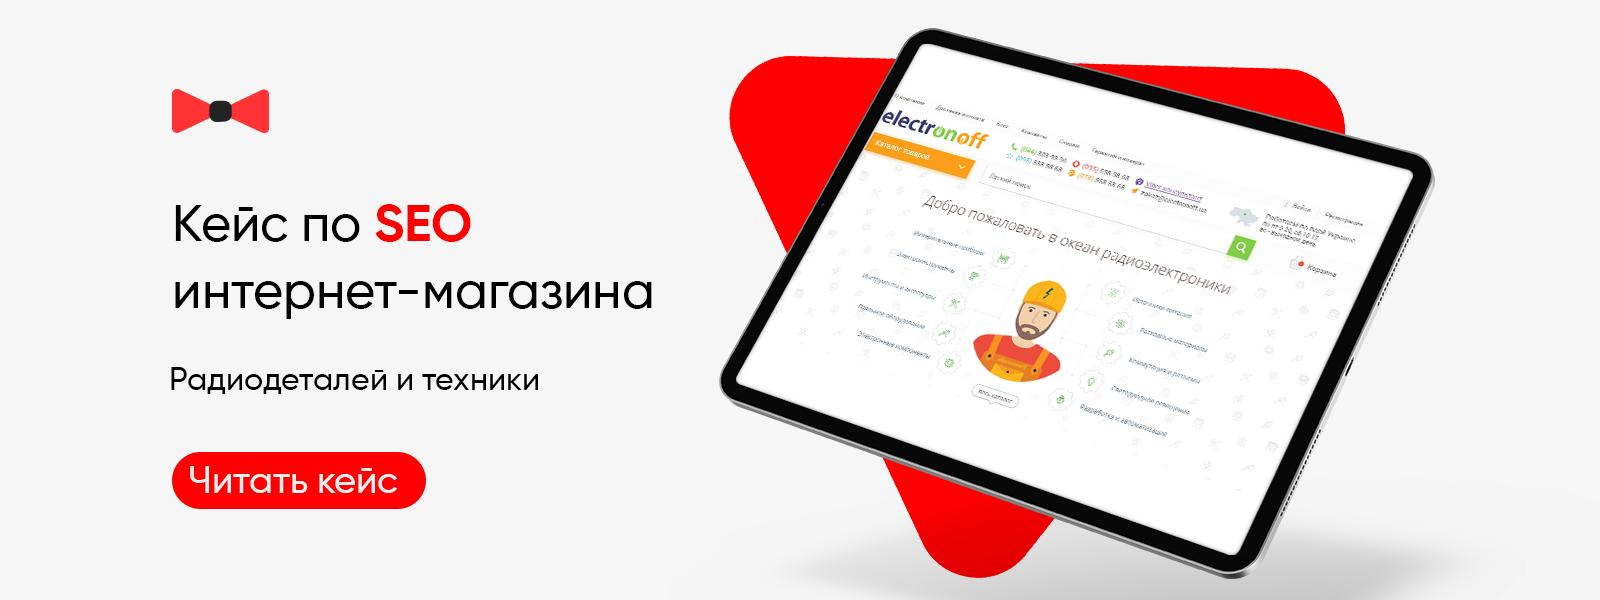 SEO-Кейс по продвижению интернет-магазина радиодеталей